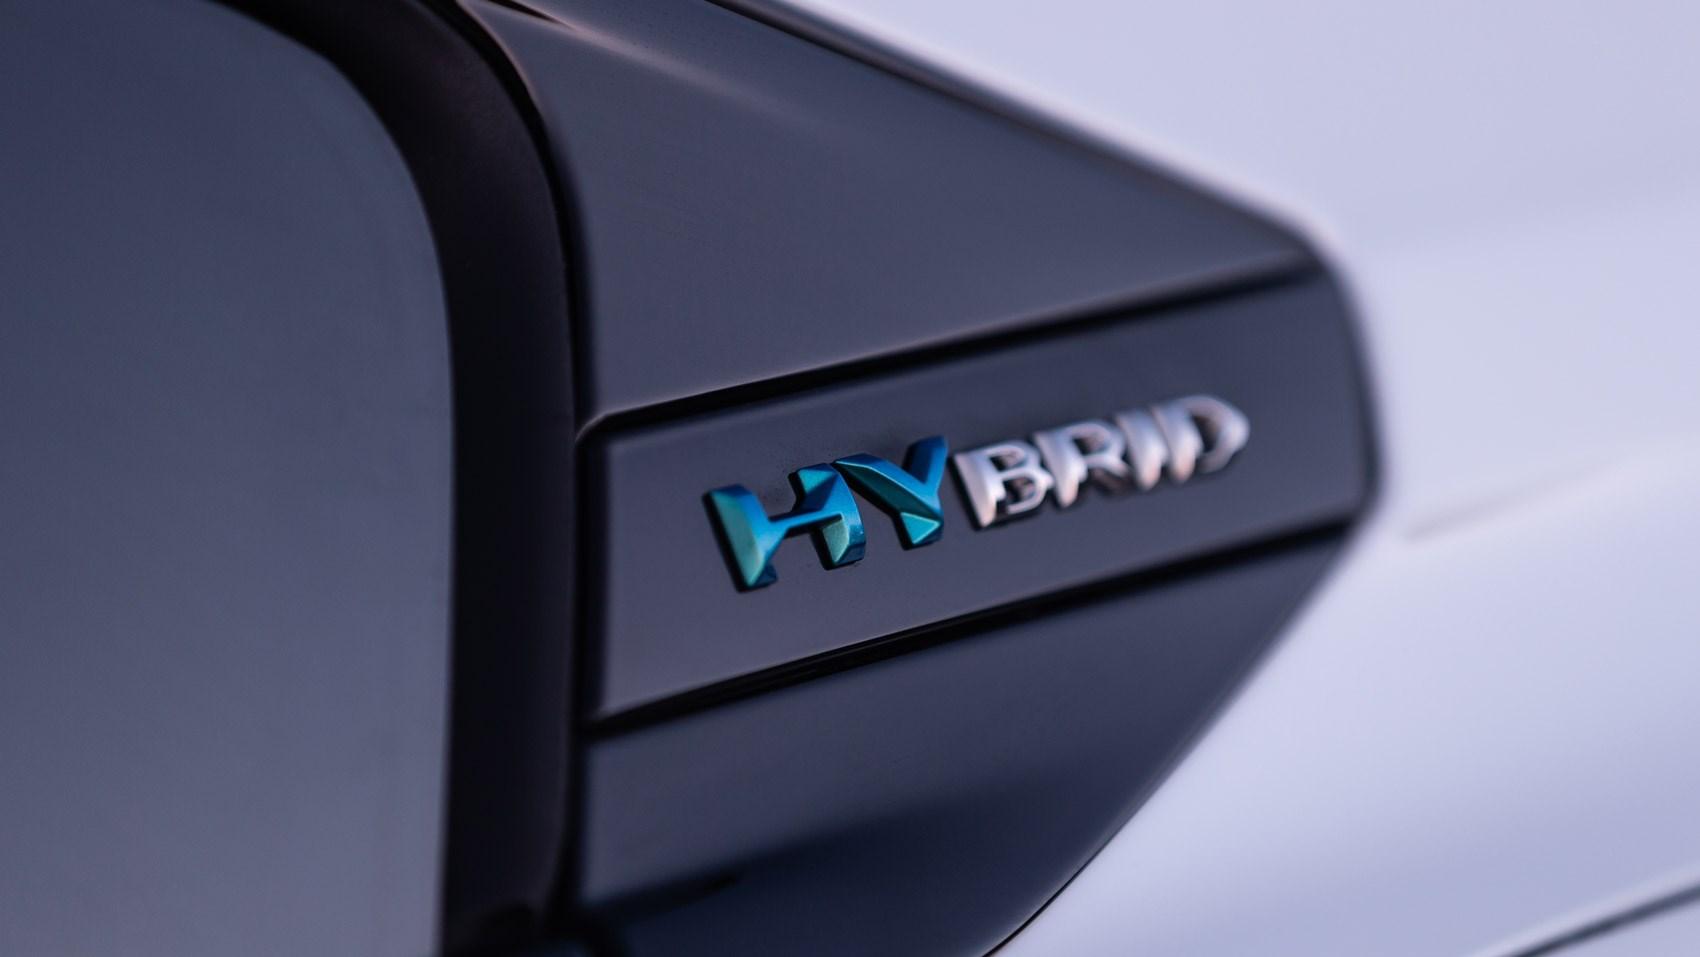 508 hybrid badge